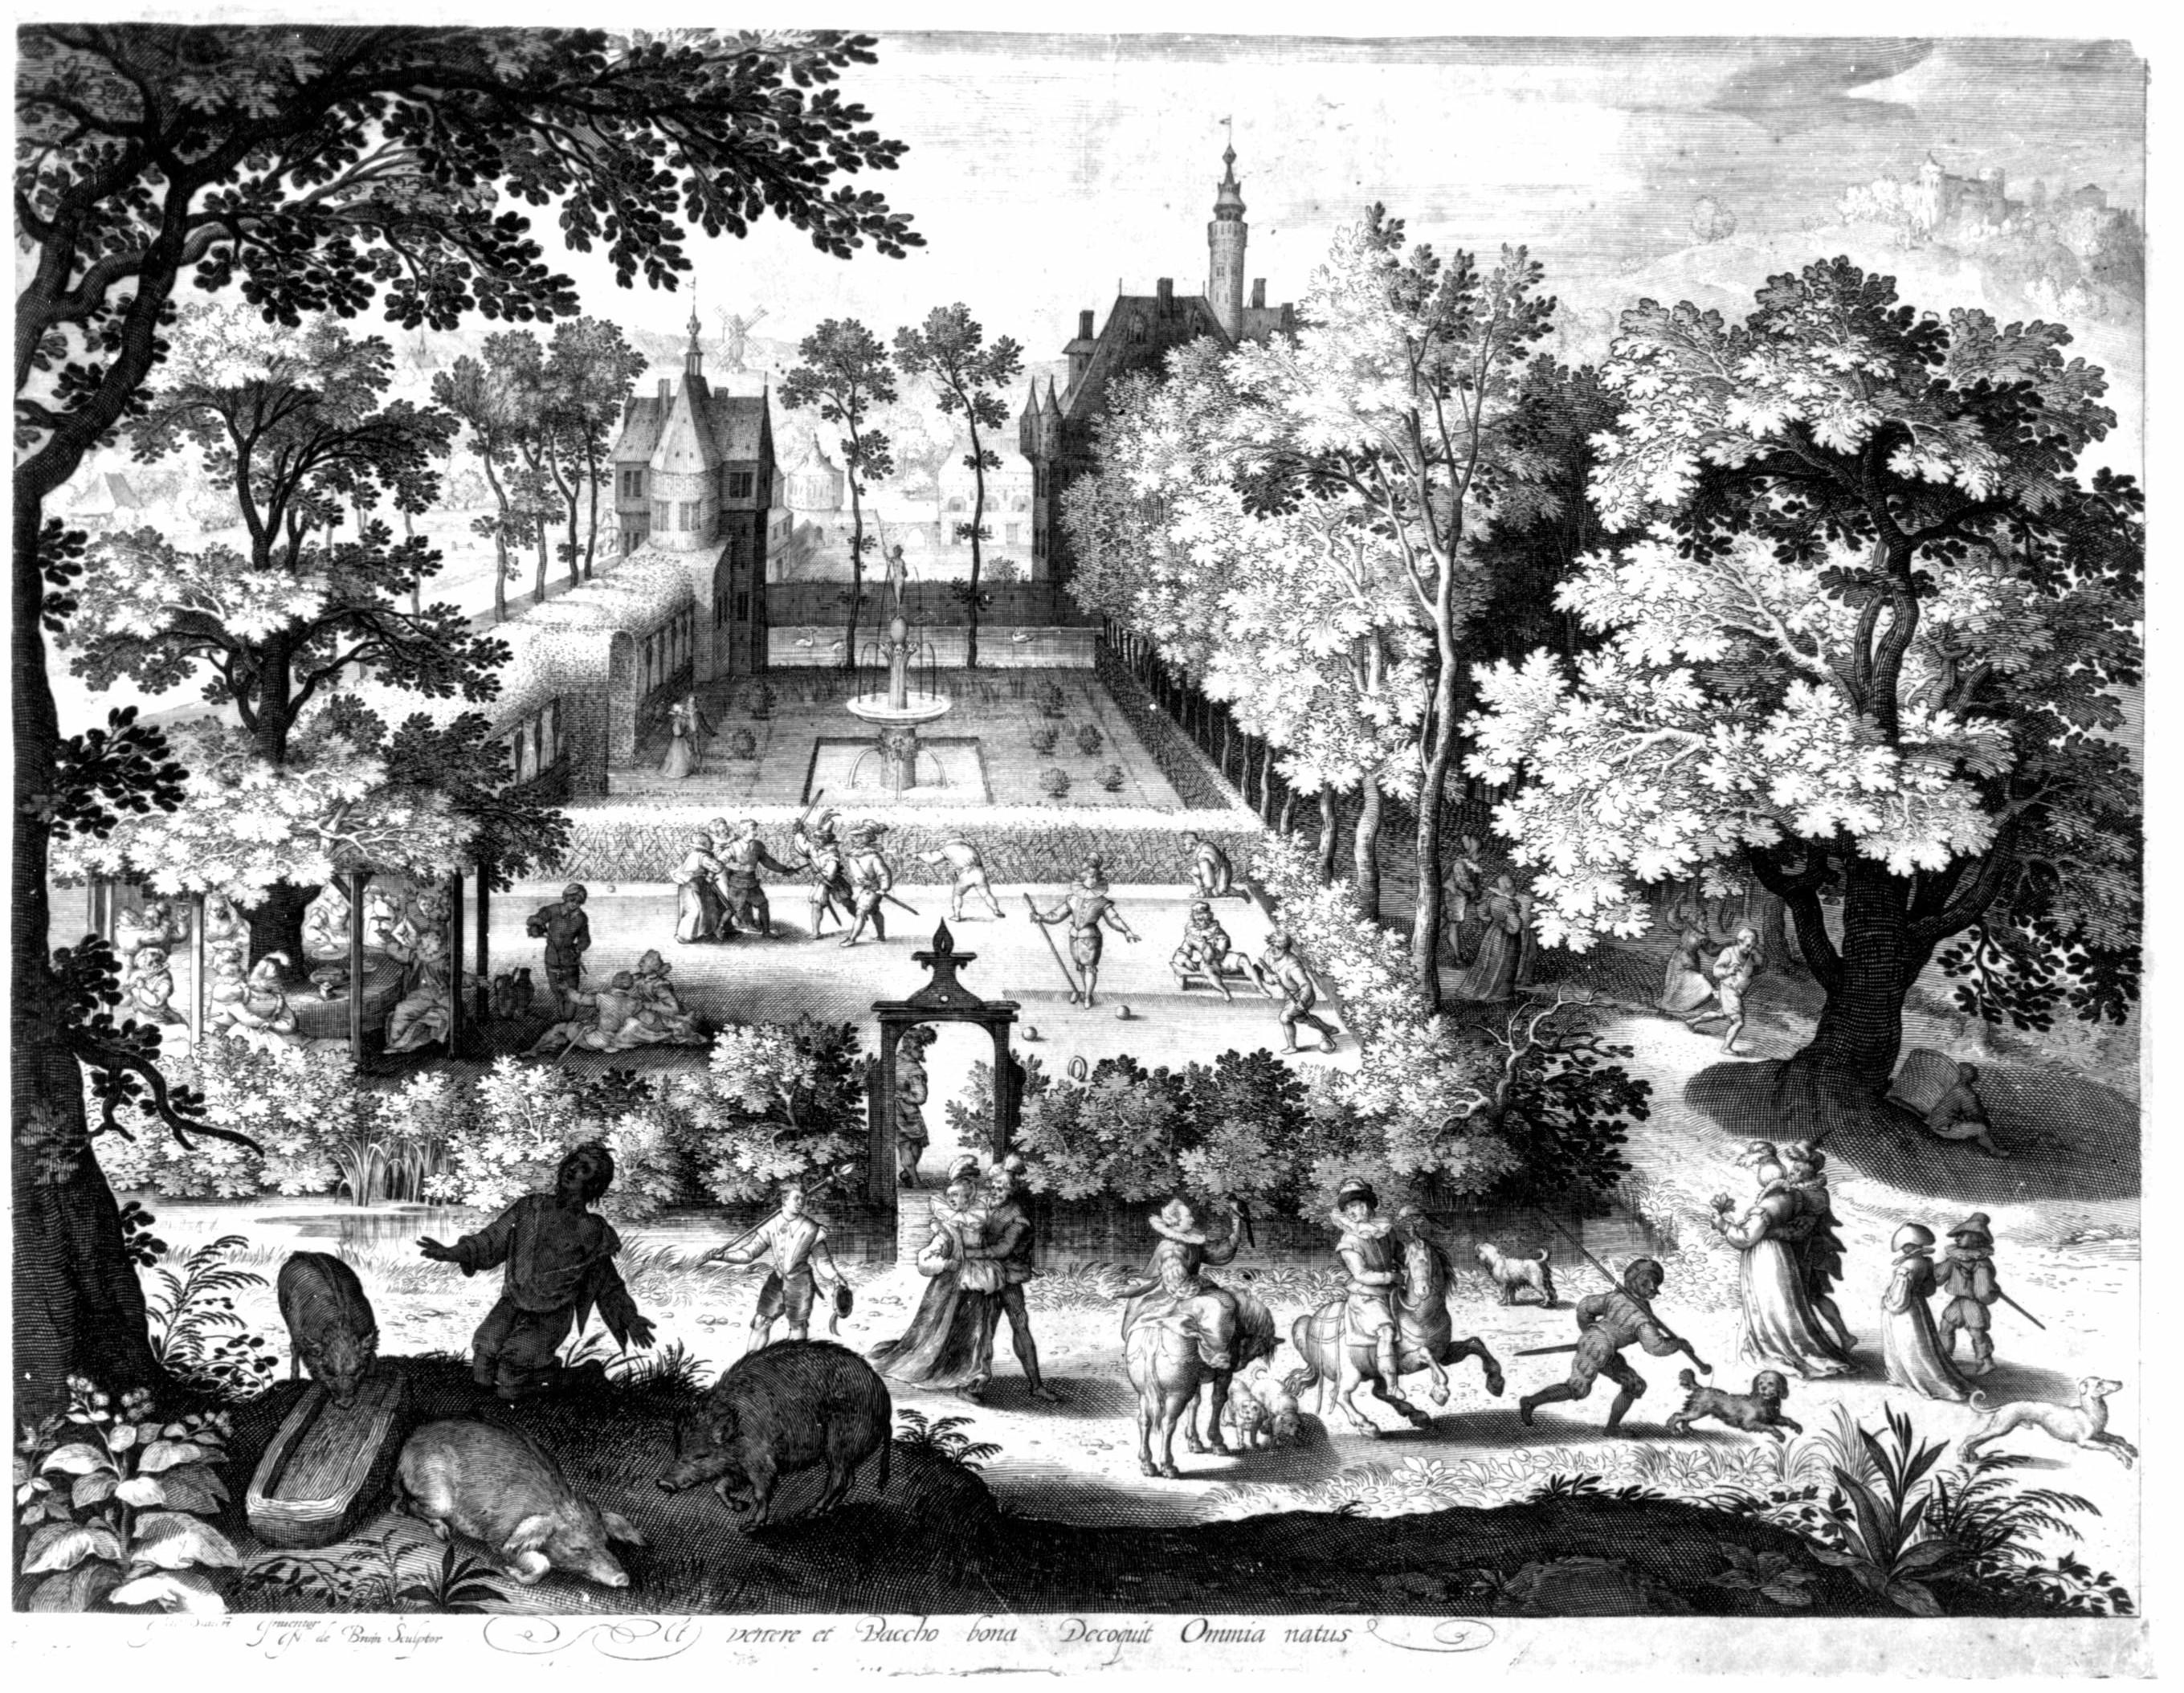 Nicolaes de Bruyn, Klossen